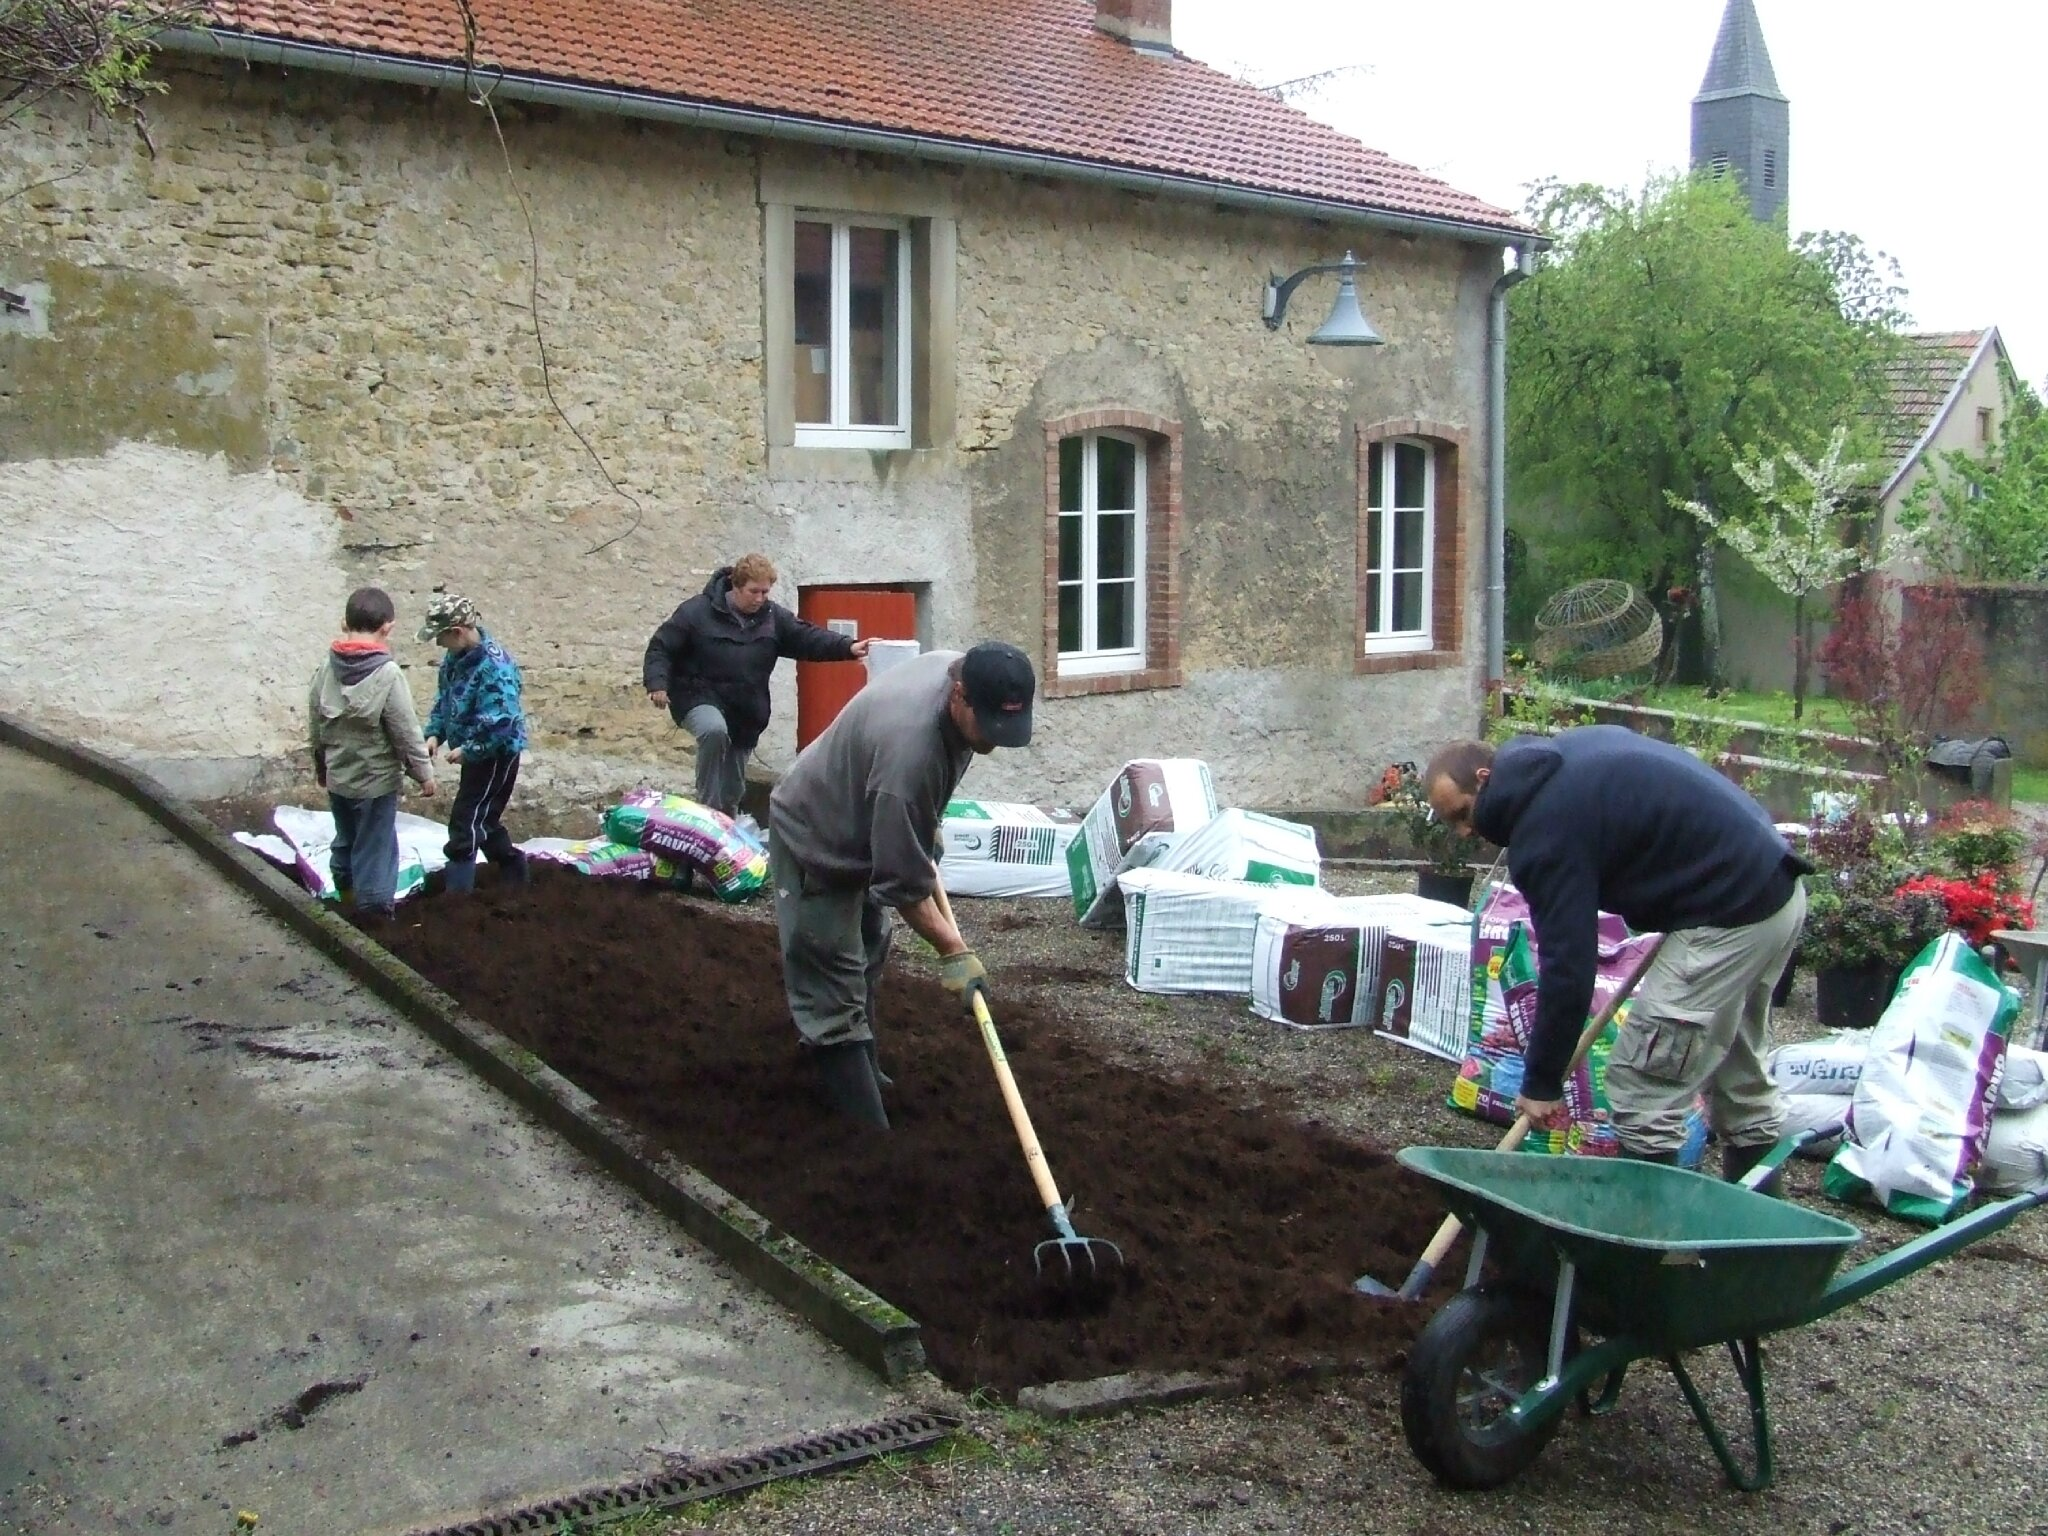 Mise en place des massifs terre de bruy re au jardins des harmonies saint ulrich les amis - Terre de bruyere ...